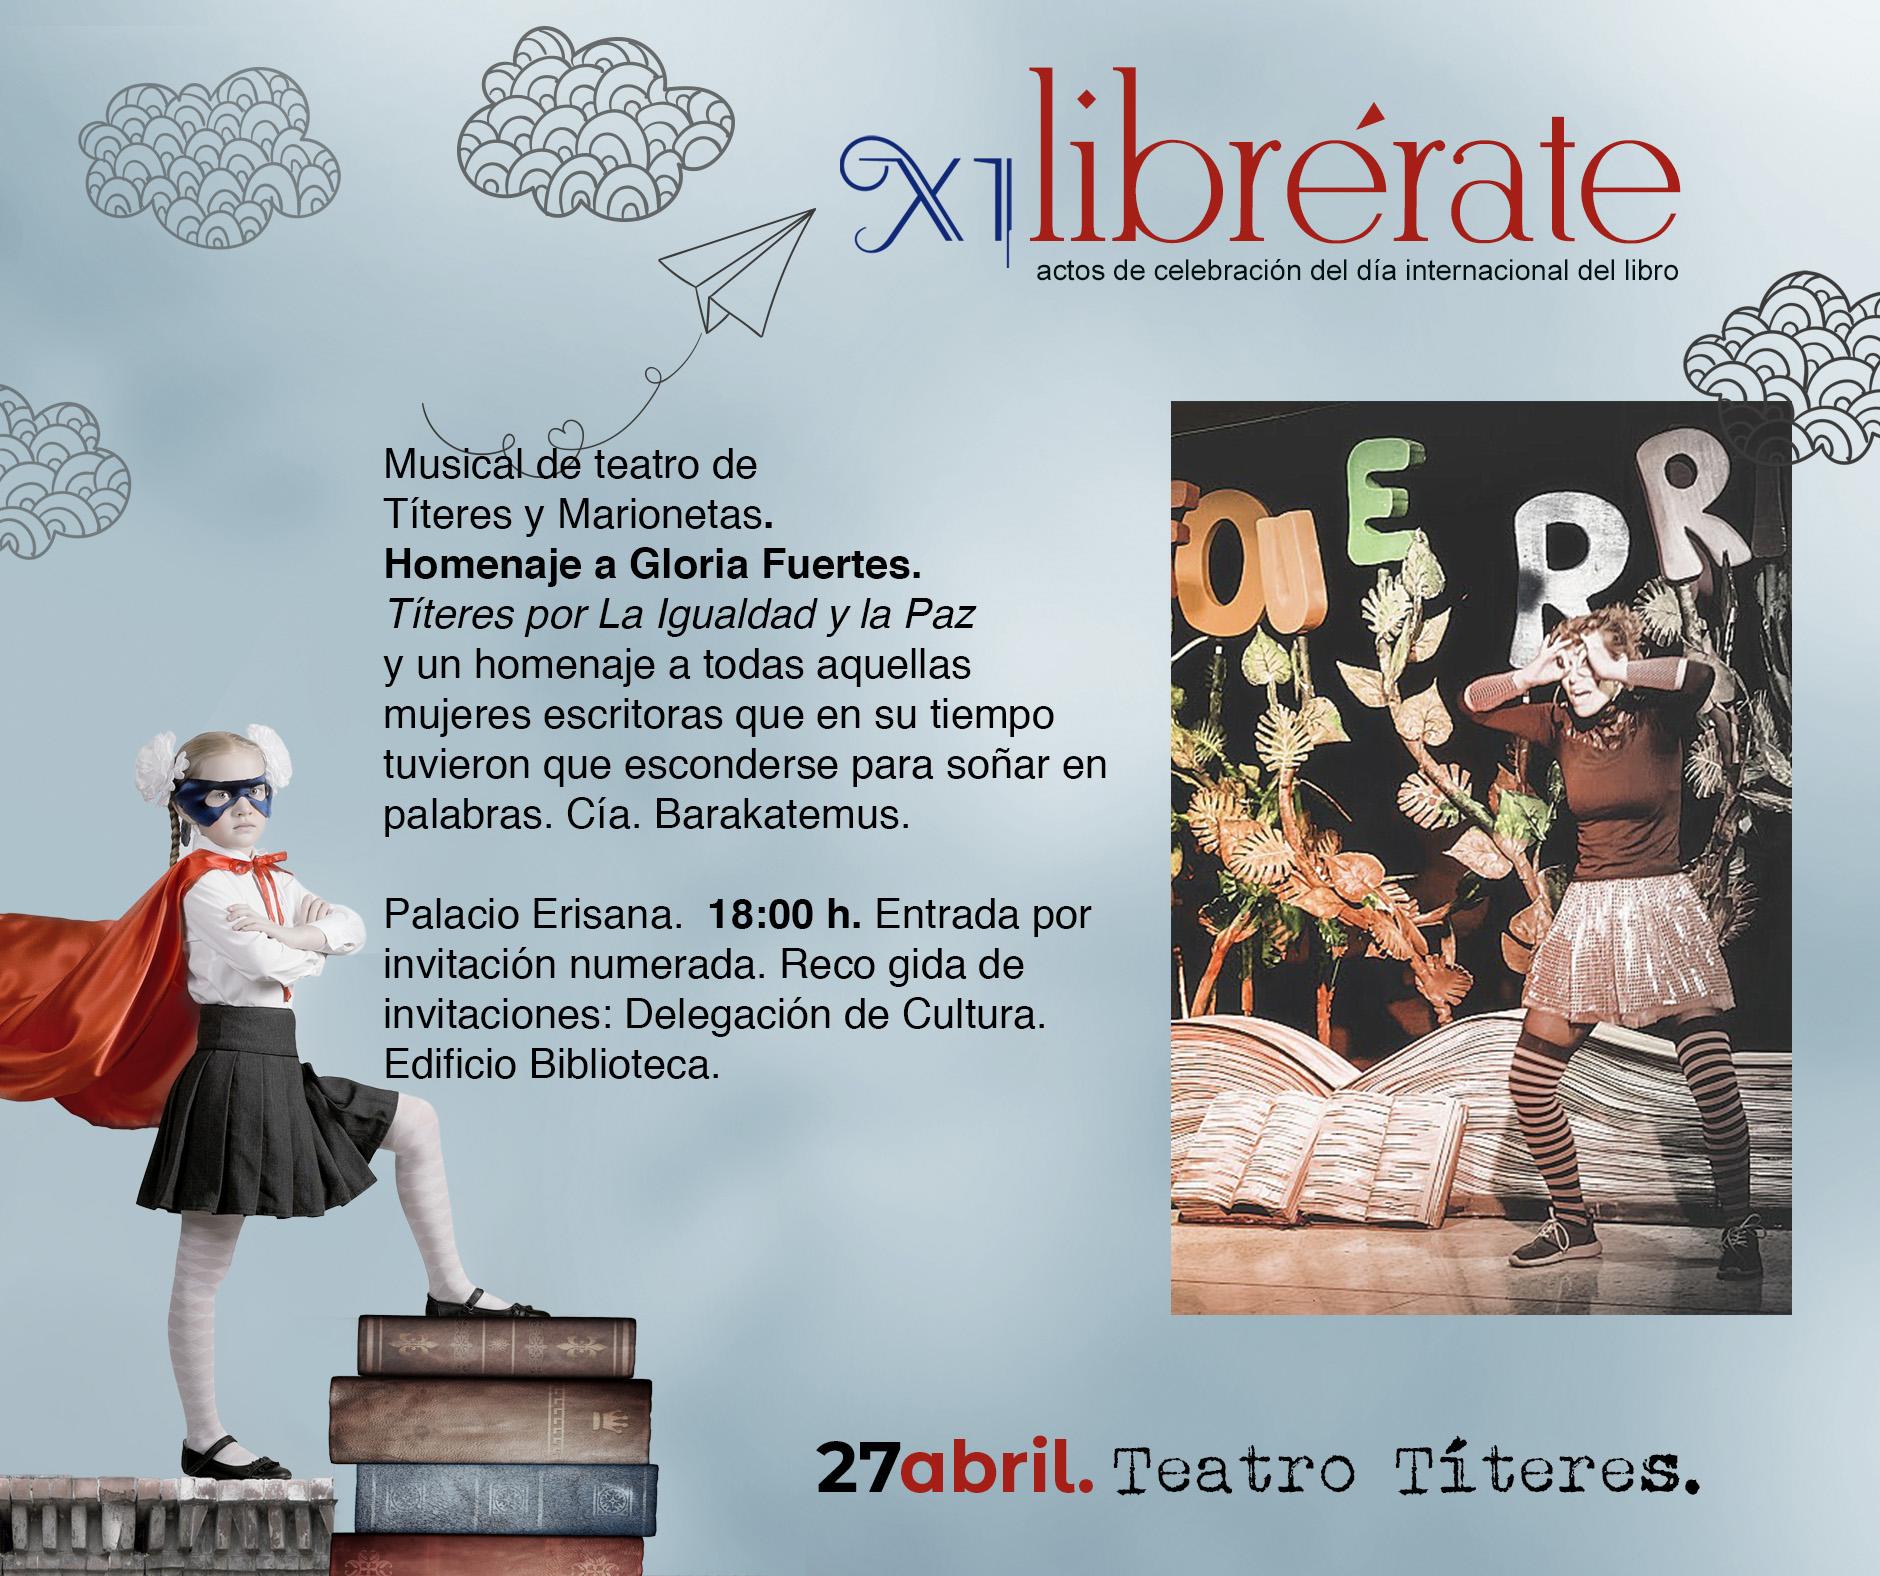 Musical de teatro de  Títeres y Marionetas.  Homenaje a Gloria Fuertes.  Títeres por La Igualdad y la Paz @ Palacio Erisana